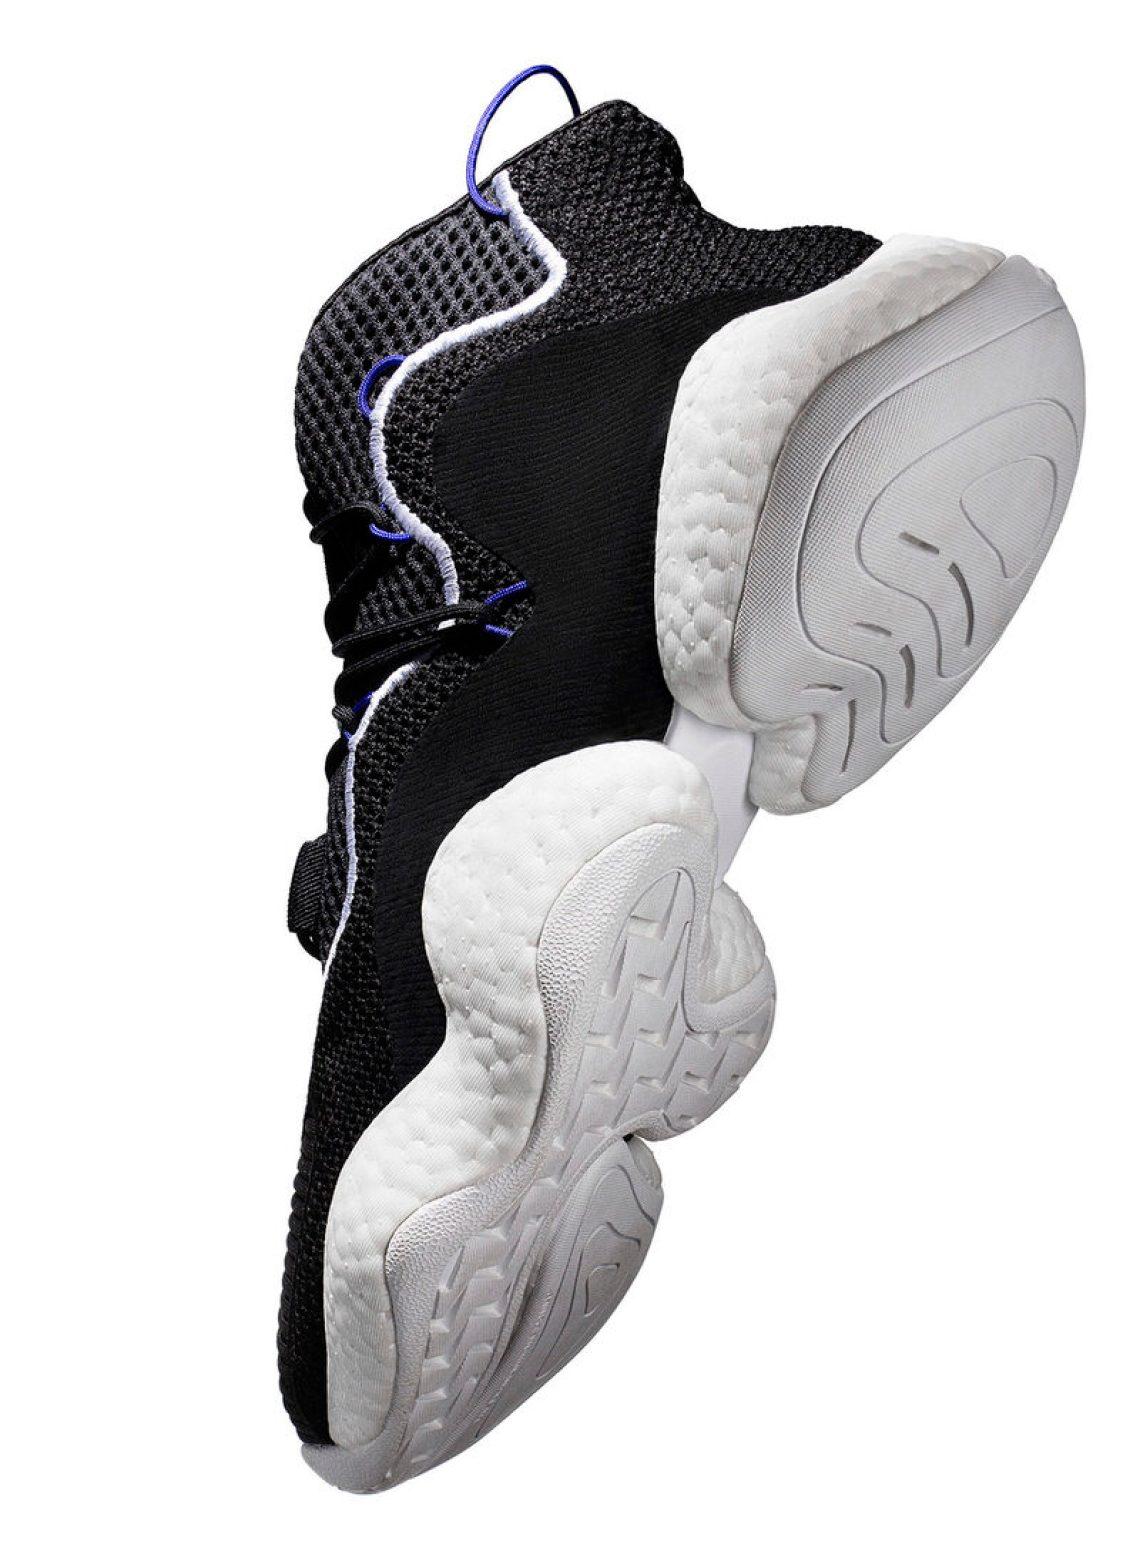 adidas Originals Crazy BYW